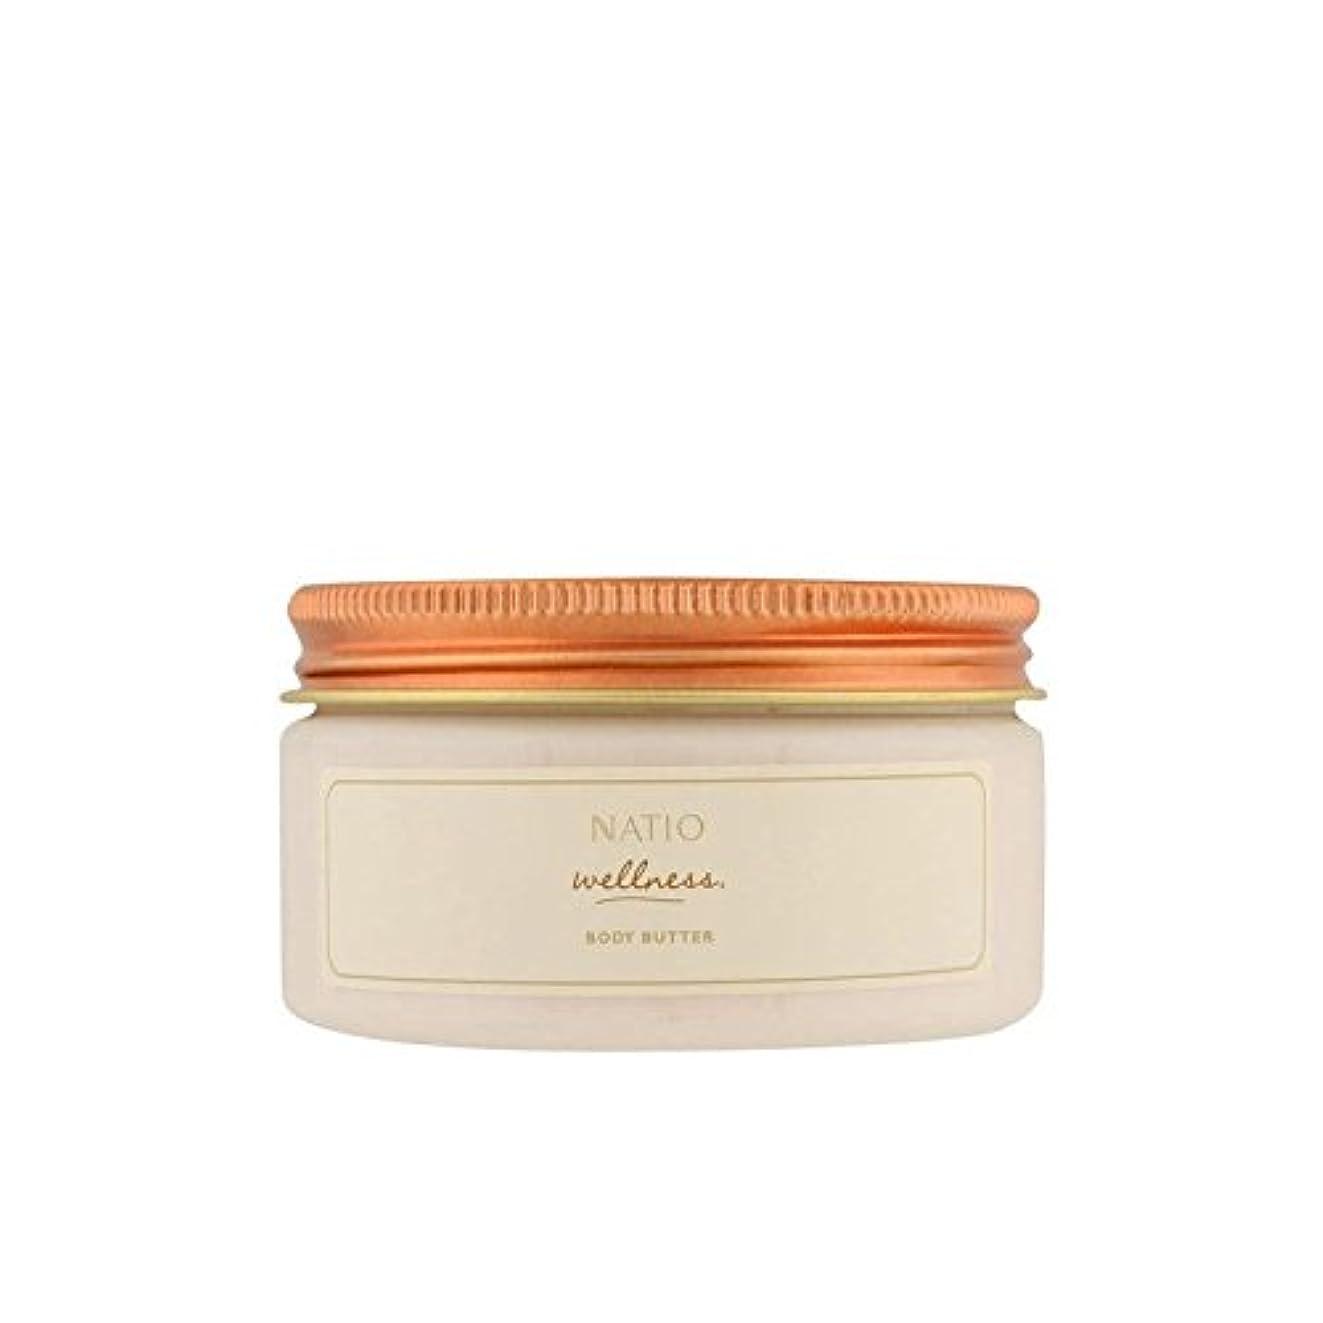 遮る民兵アドバイスNatio Wellness Body Butter (240g) - ウェルネスボディバター(240グラム) [並行輸入品]